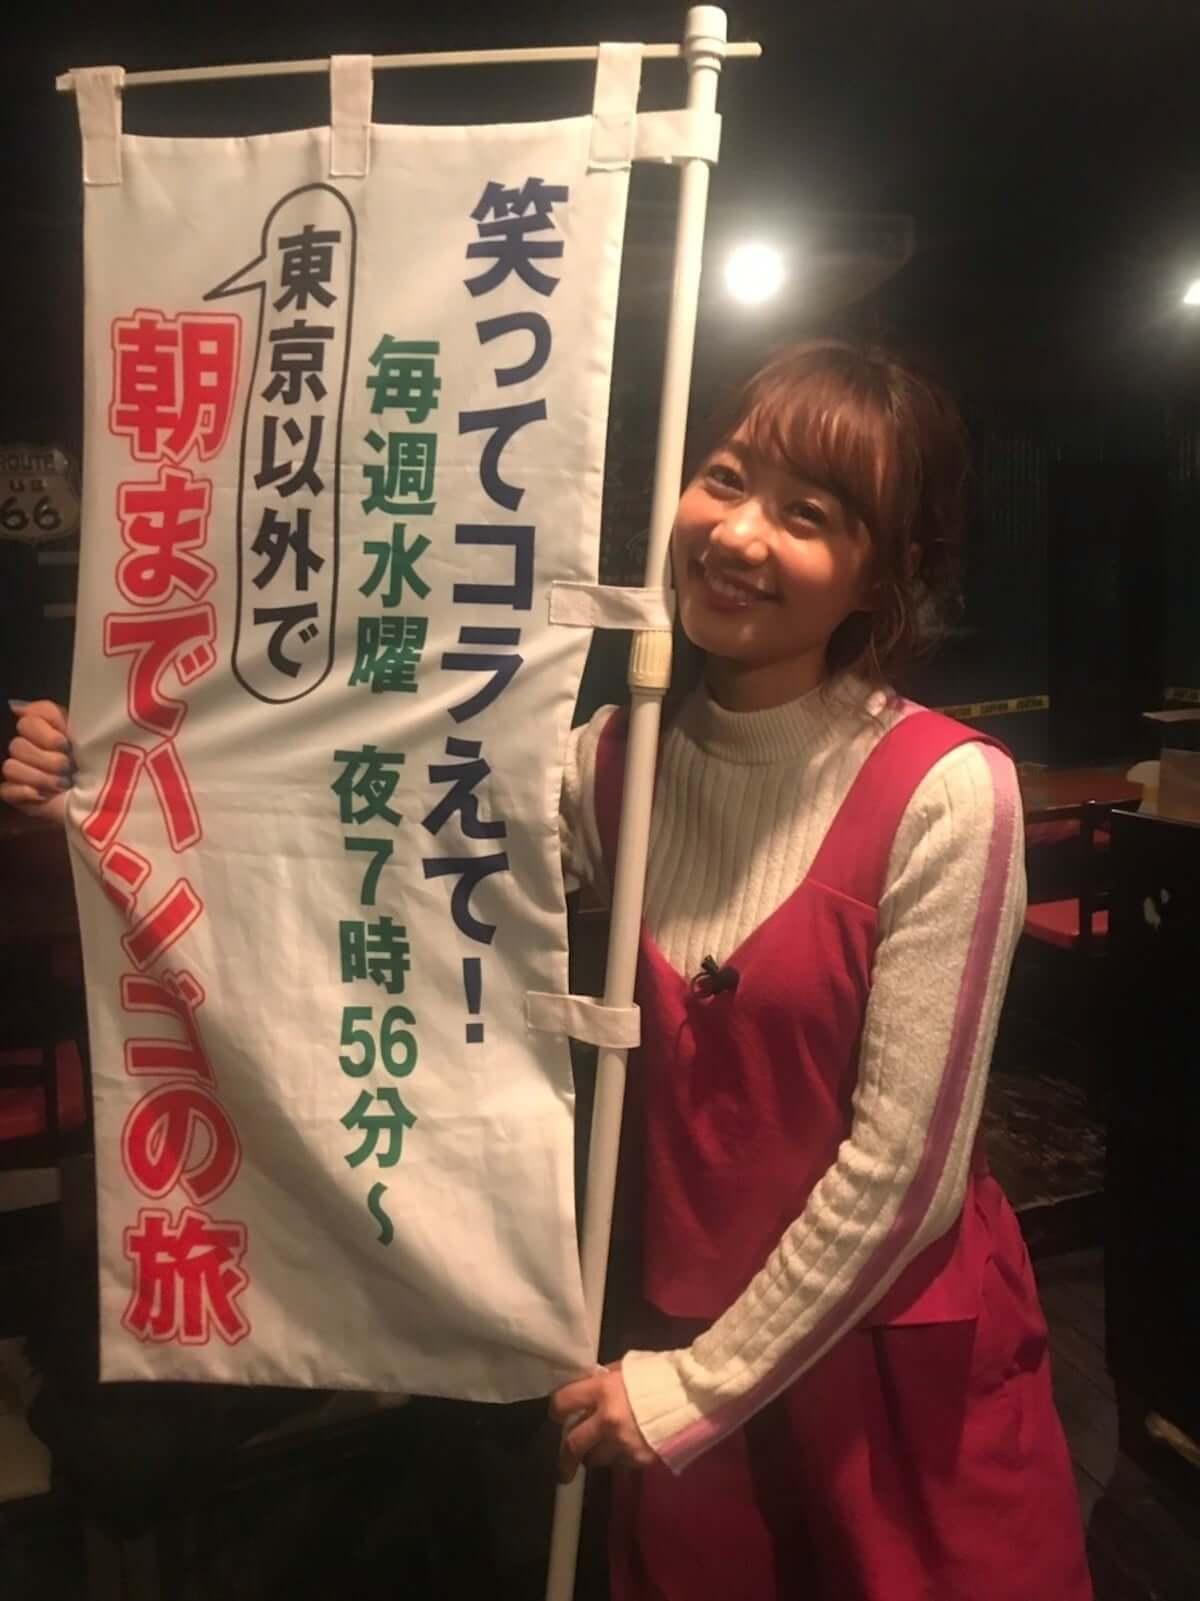 モデル・高田秋 「笑コラはしご酒」での酒飲み姿に視聴者悶絶! life-fashion190213-takadashu-5-1200x1601